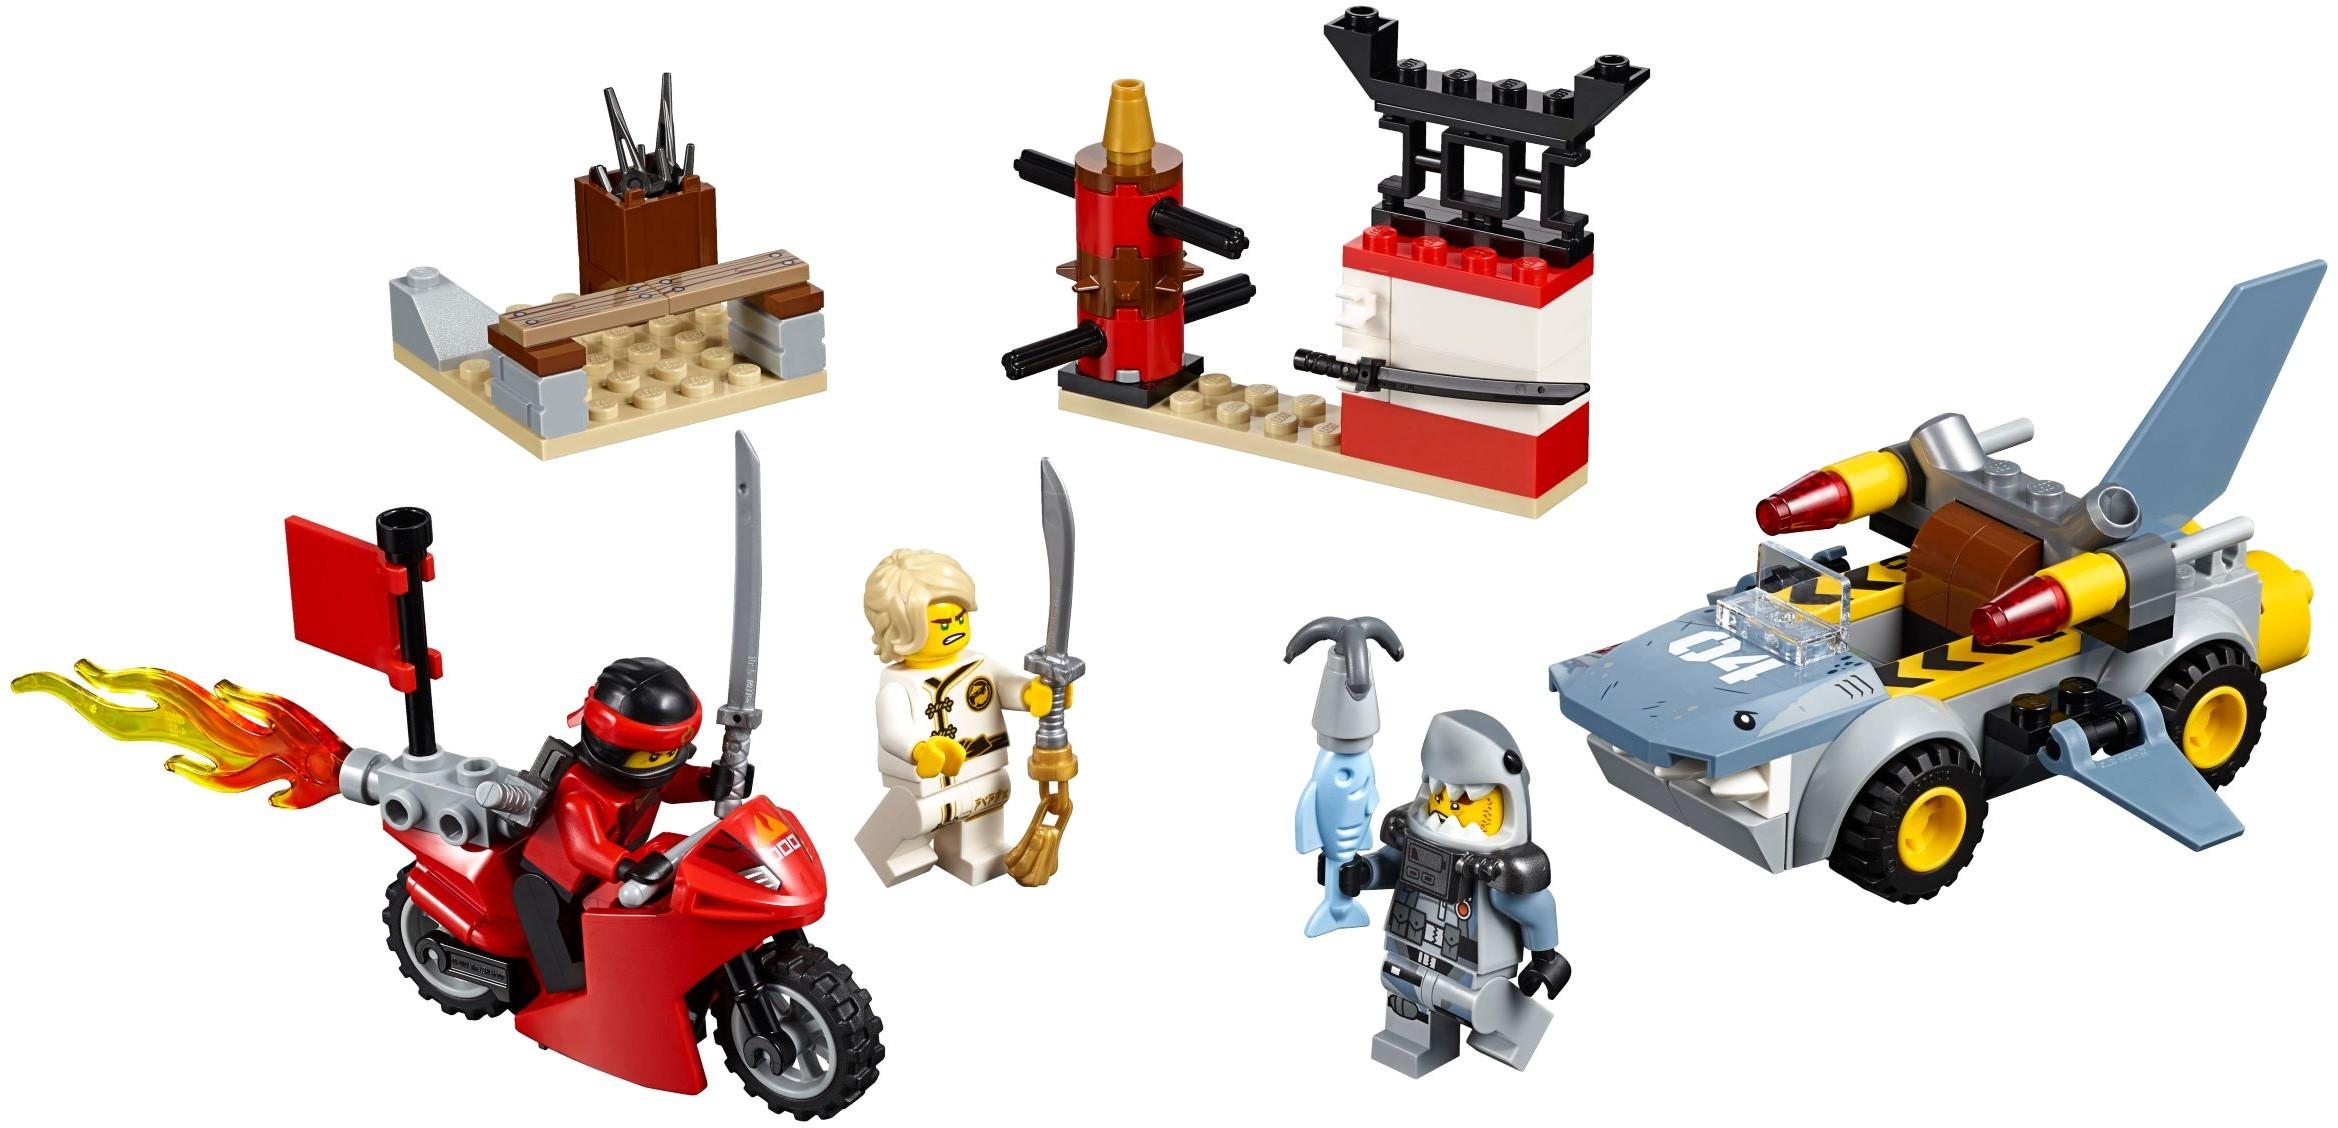 2017 Brickset Lego Set Guide And Database